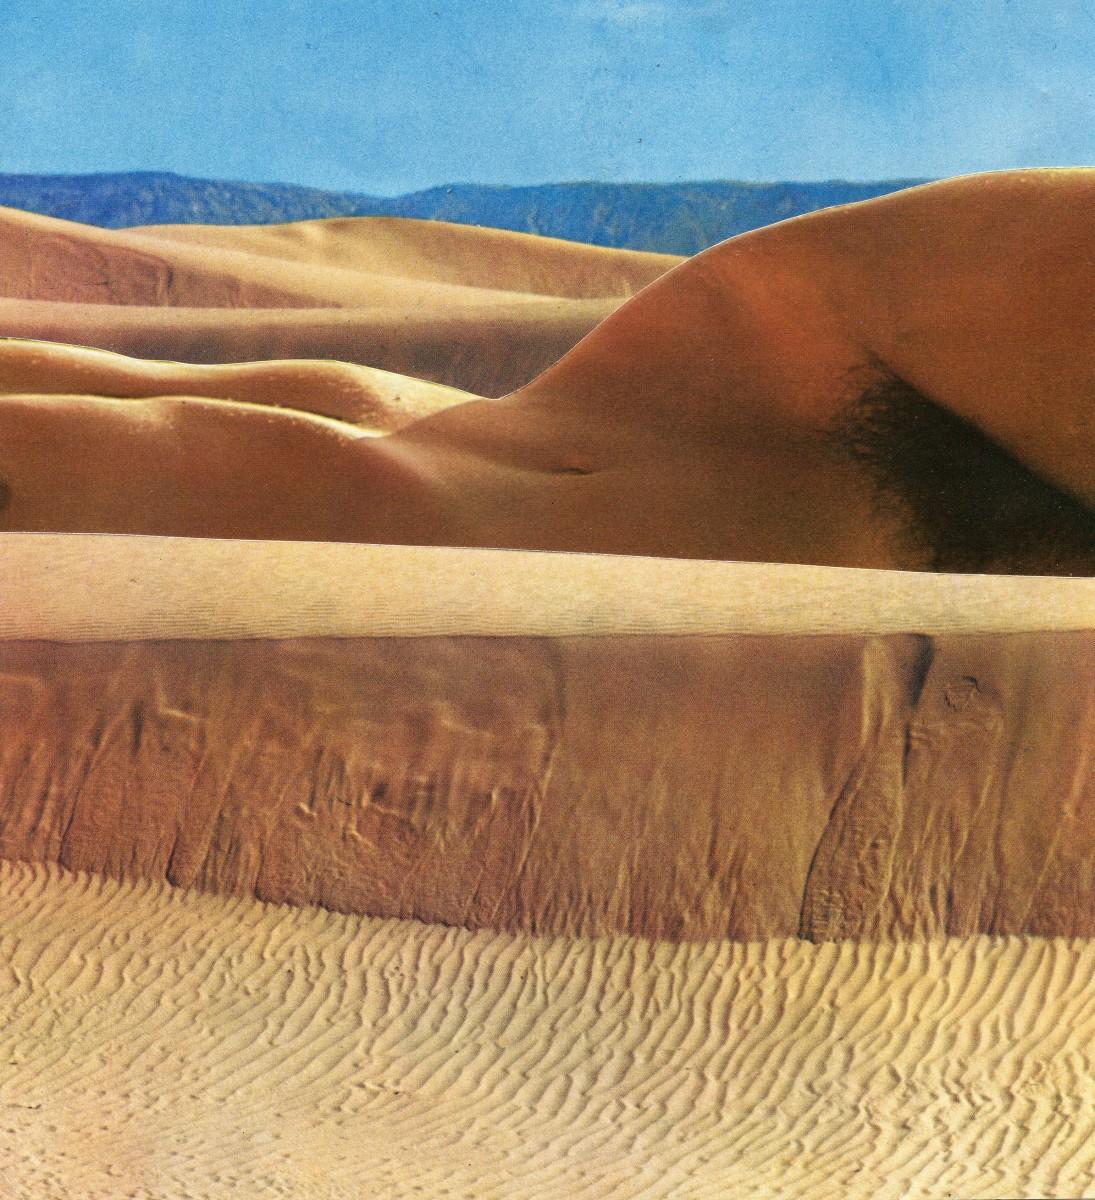 Αποτέλεσμα εικόνας για kolaz art erotica sea sky